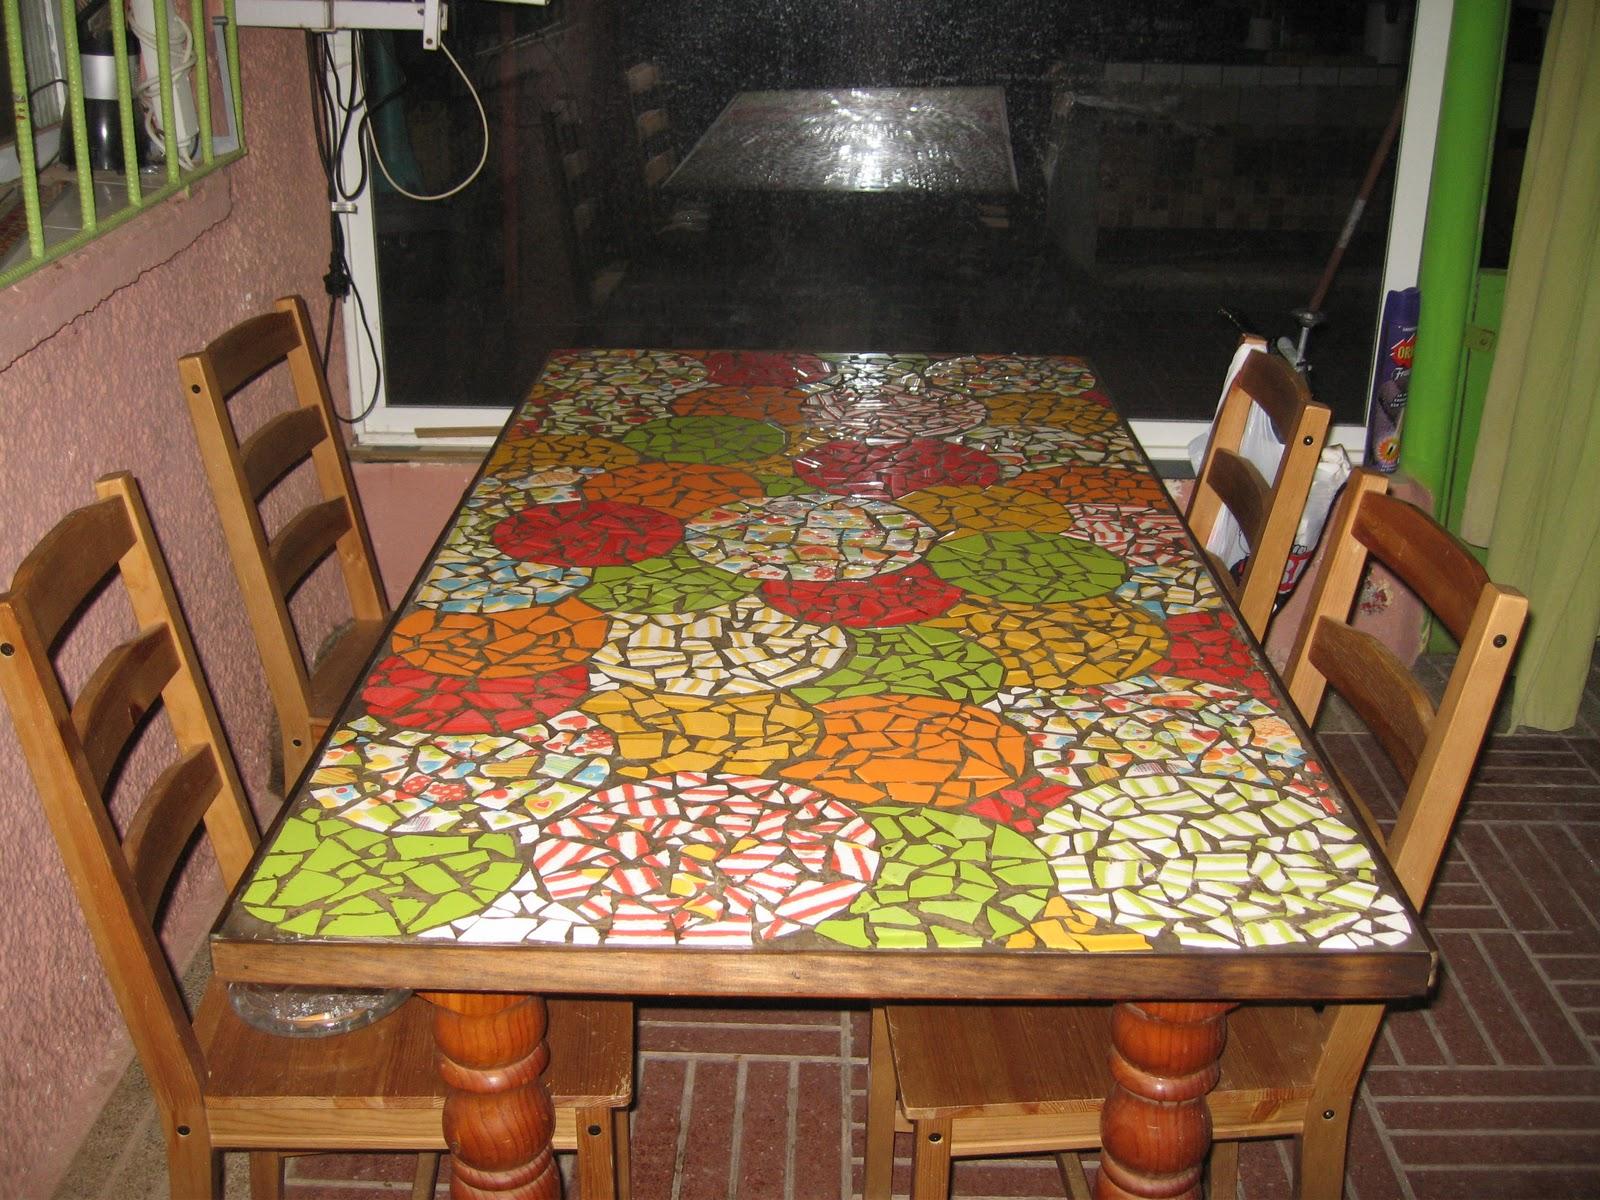 Villarochel el rincon magico reciclando de nuevo for Como reciclar una mesa de tv vieja